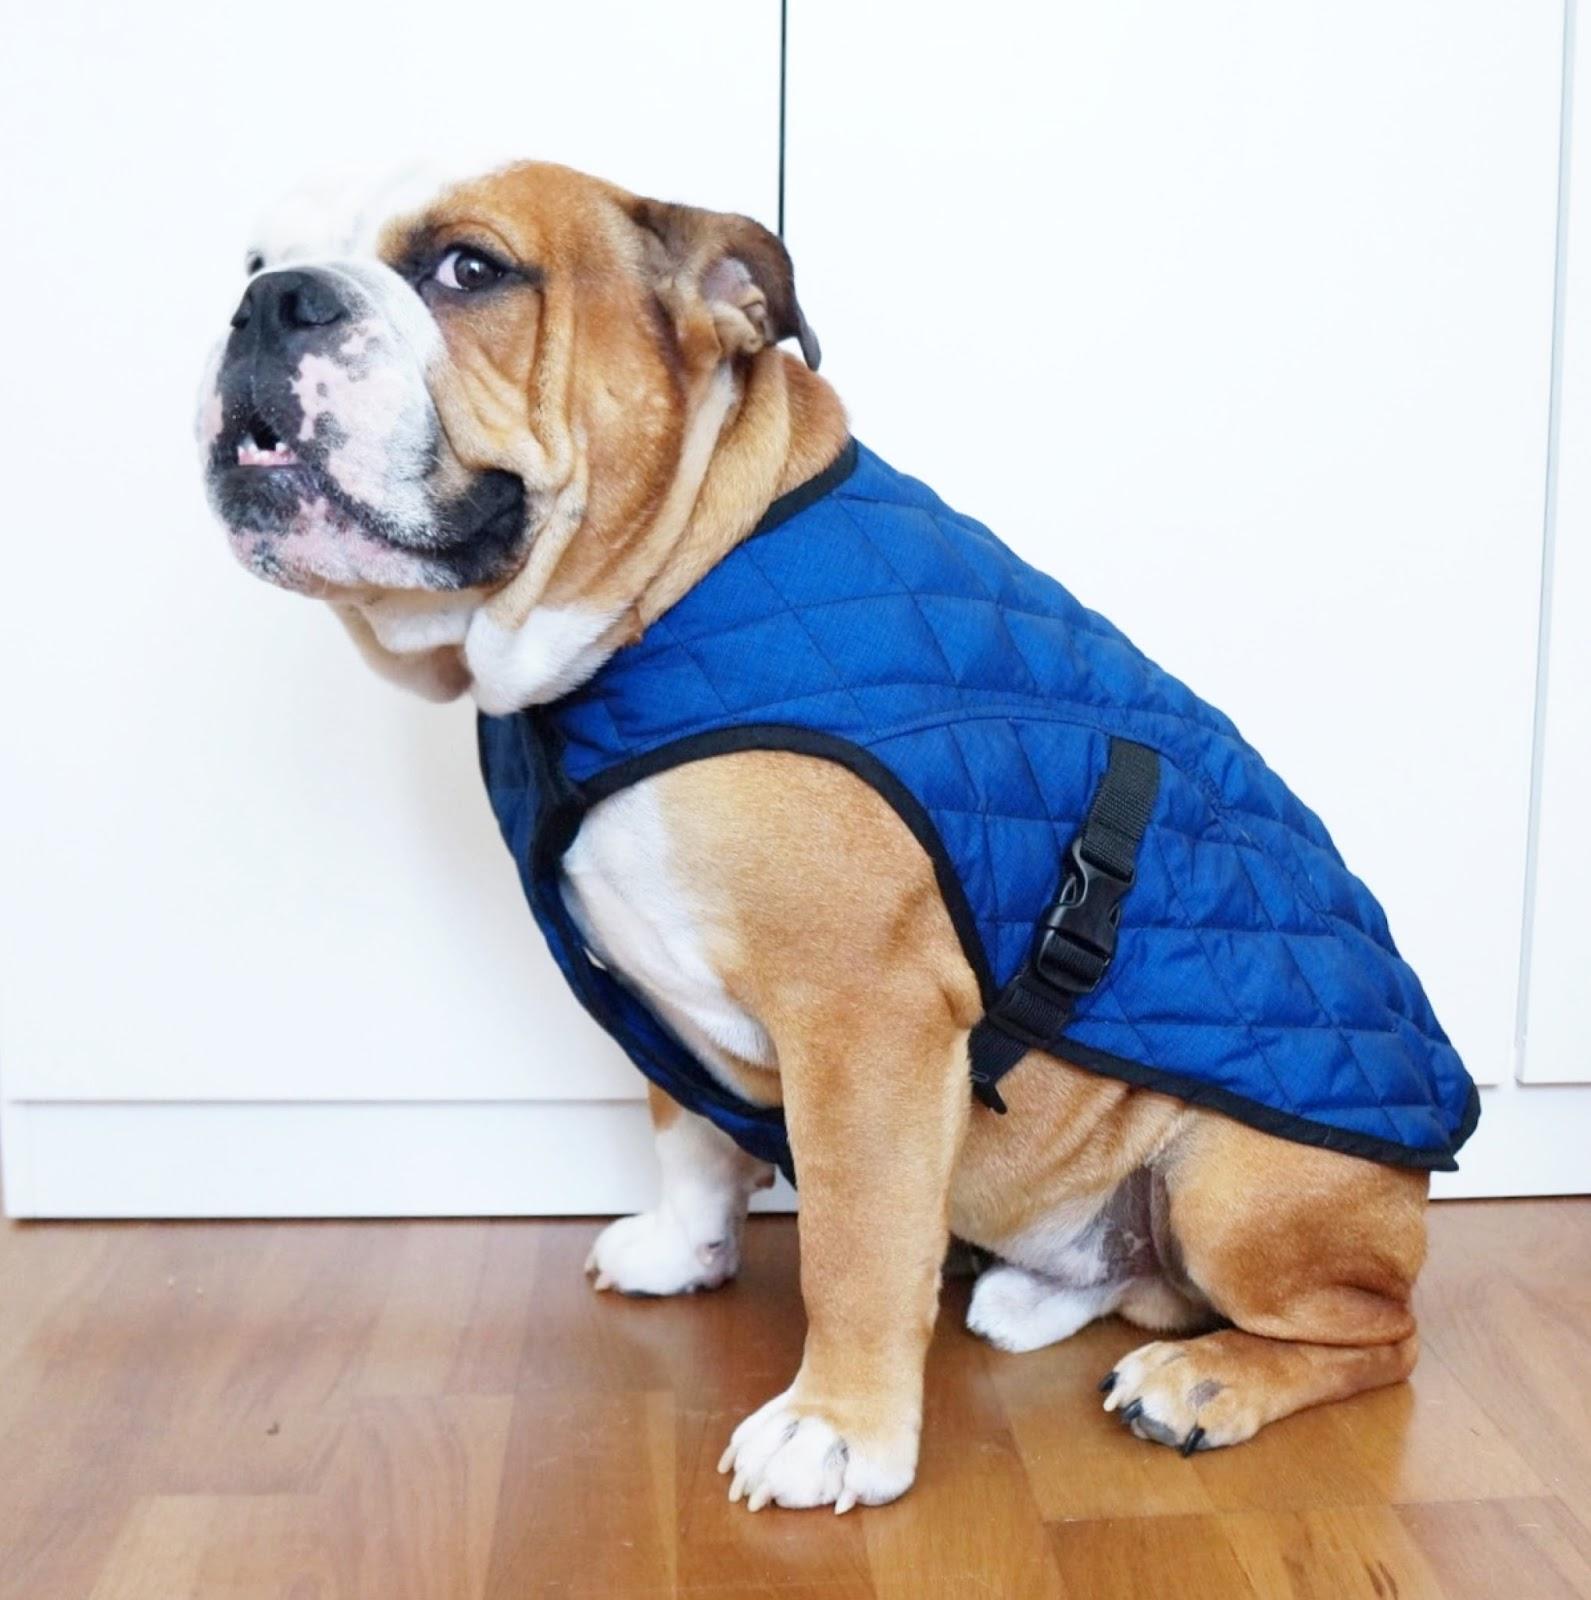 manteau rafraichissant AquaCoolKeeper chien  bulldog